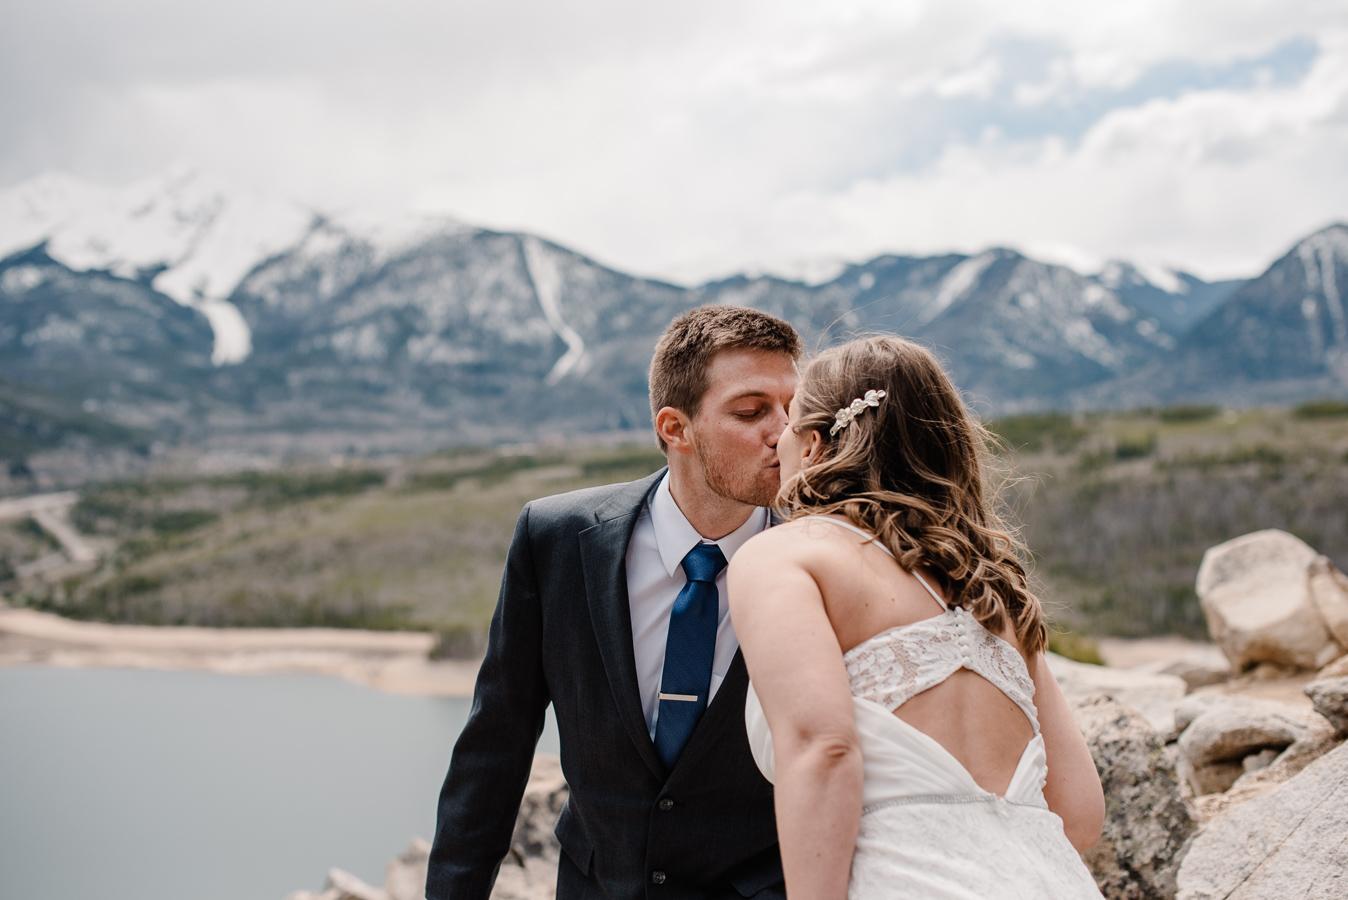 13-Sapphire-Point-Wedding-Photos-Aubrey&Gabe-Colorado-Mountain-Elopement-Photos-383.jpg